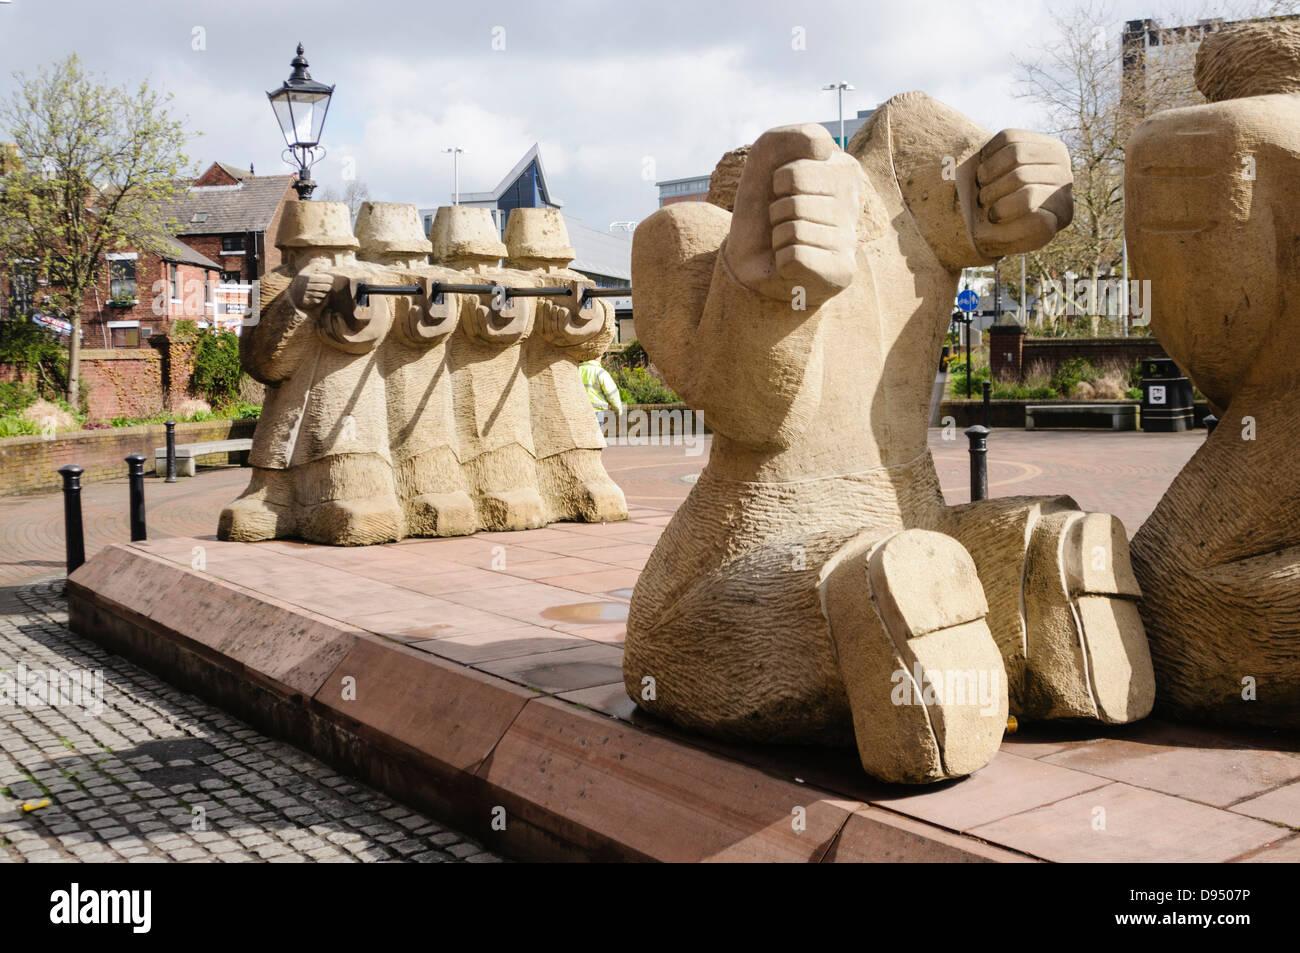 Statue by Gordon Young commemorating the 1842 Preston Riots, Lunn St, Preston. Stock Photo